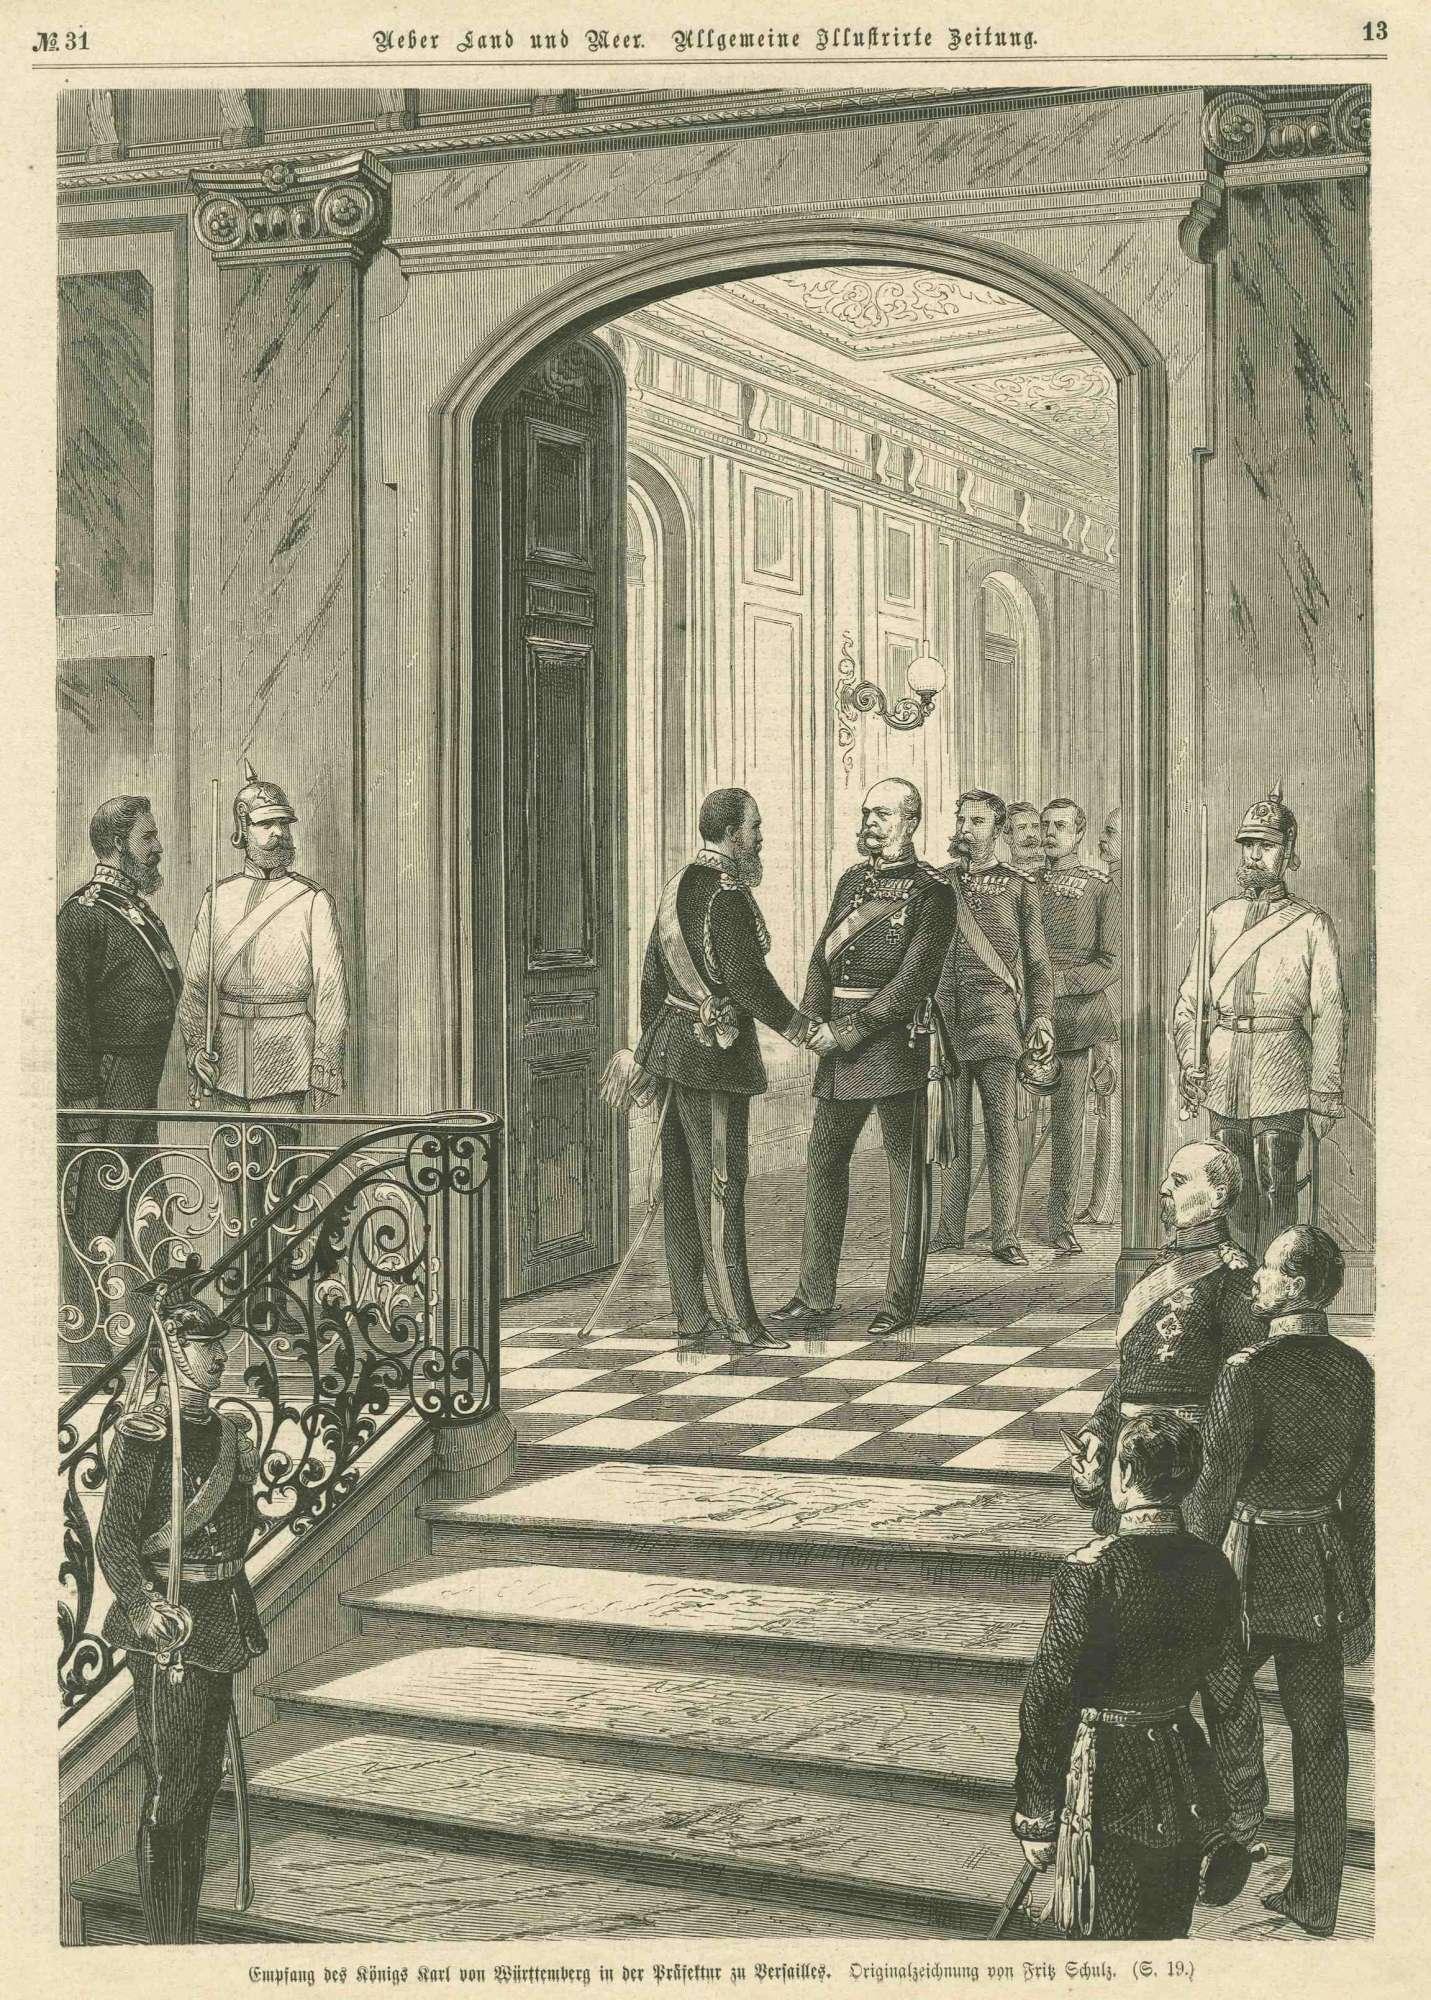 Reichskanzler Otto von Bismarck grüsst König Karl von Württemberg in den Innenräumen der Präfektur von Versailles, hinter Bismarck Generale in Reihe, Bild 1